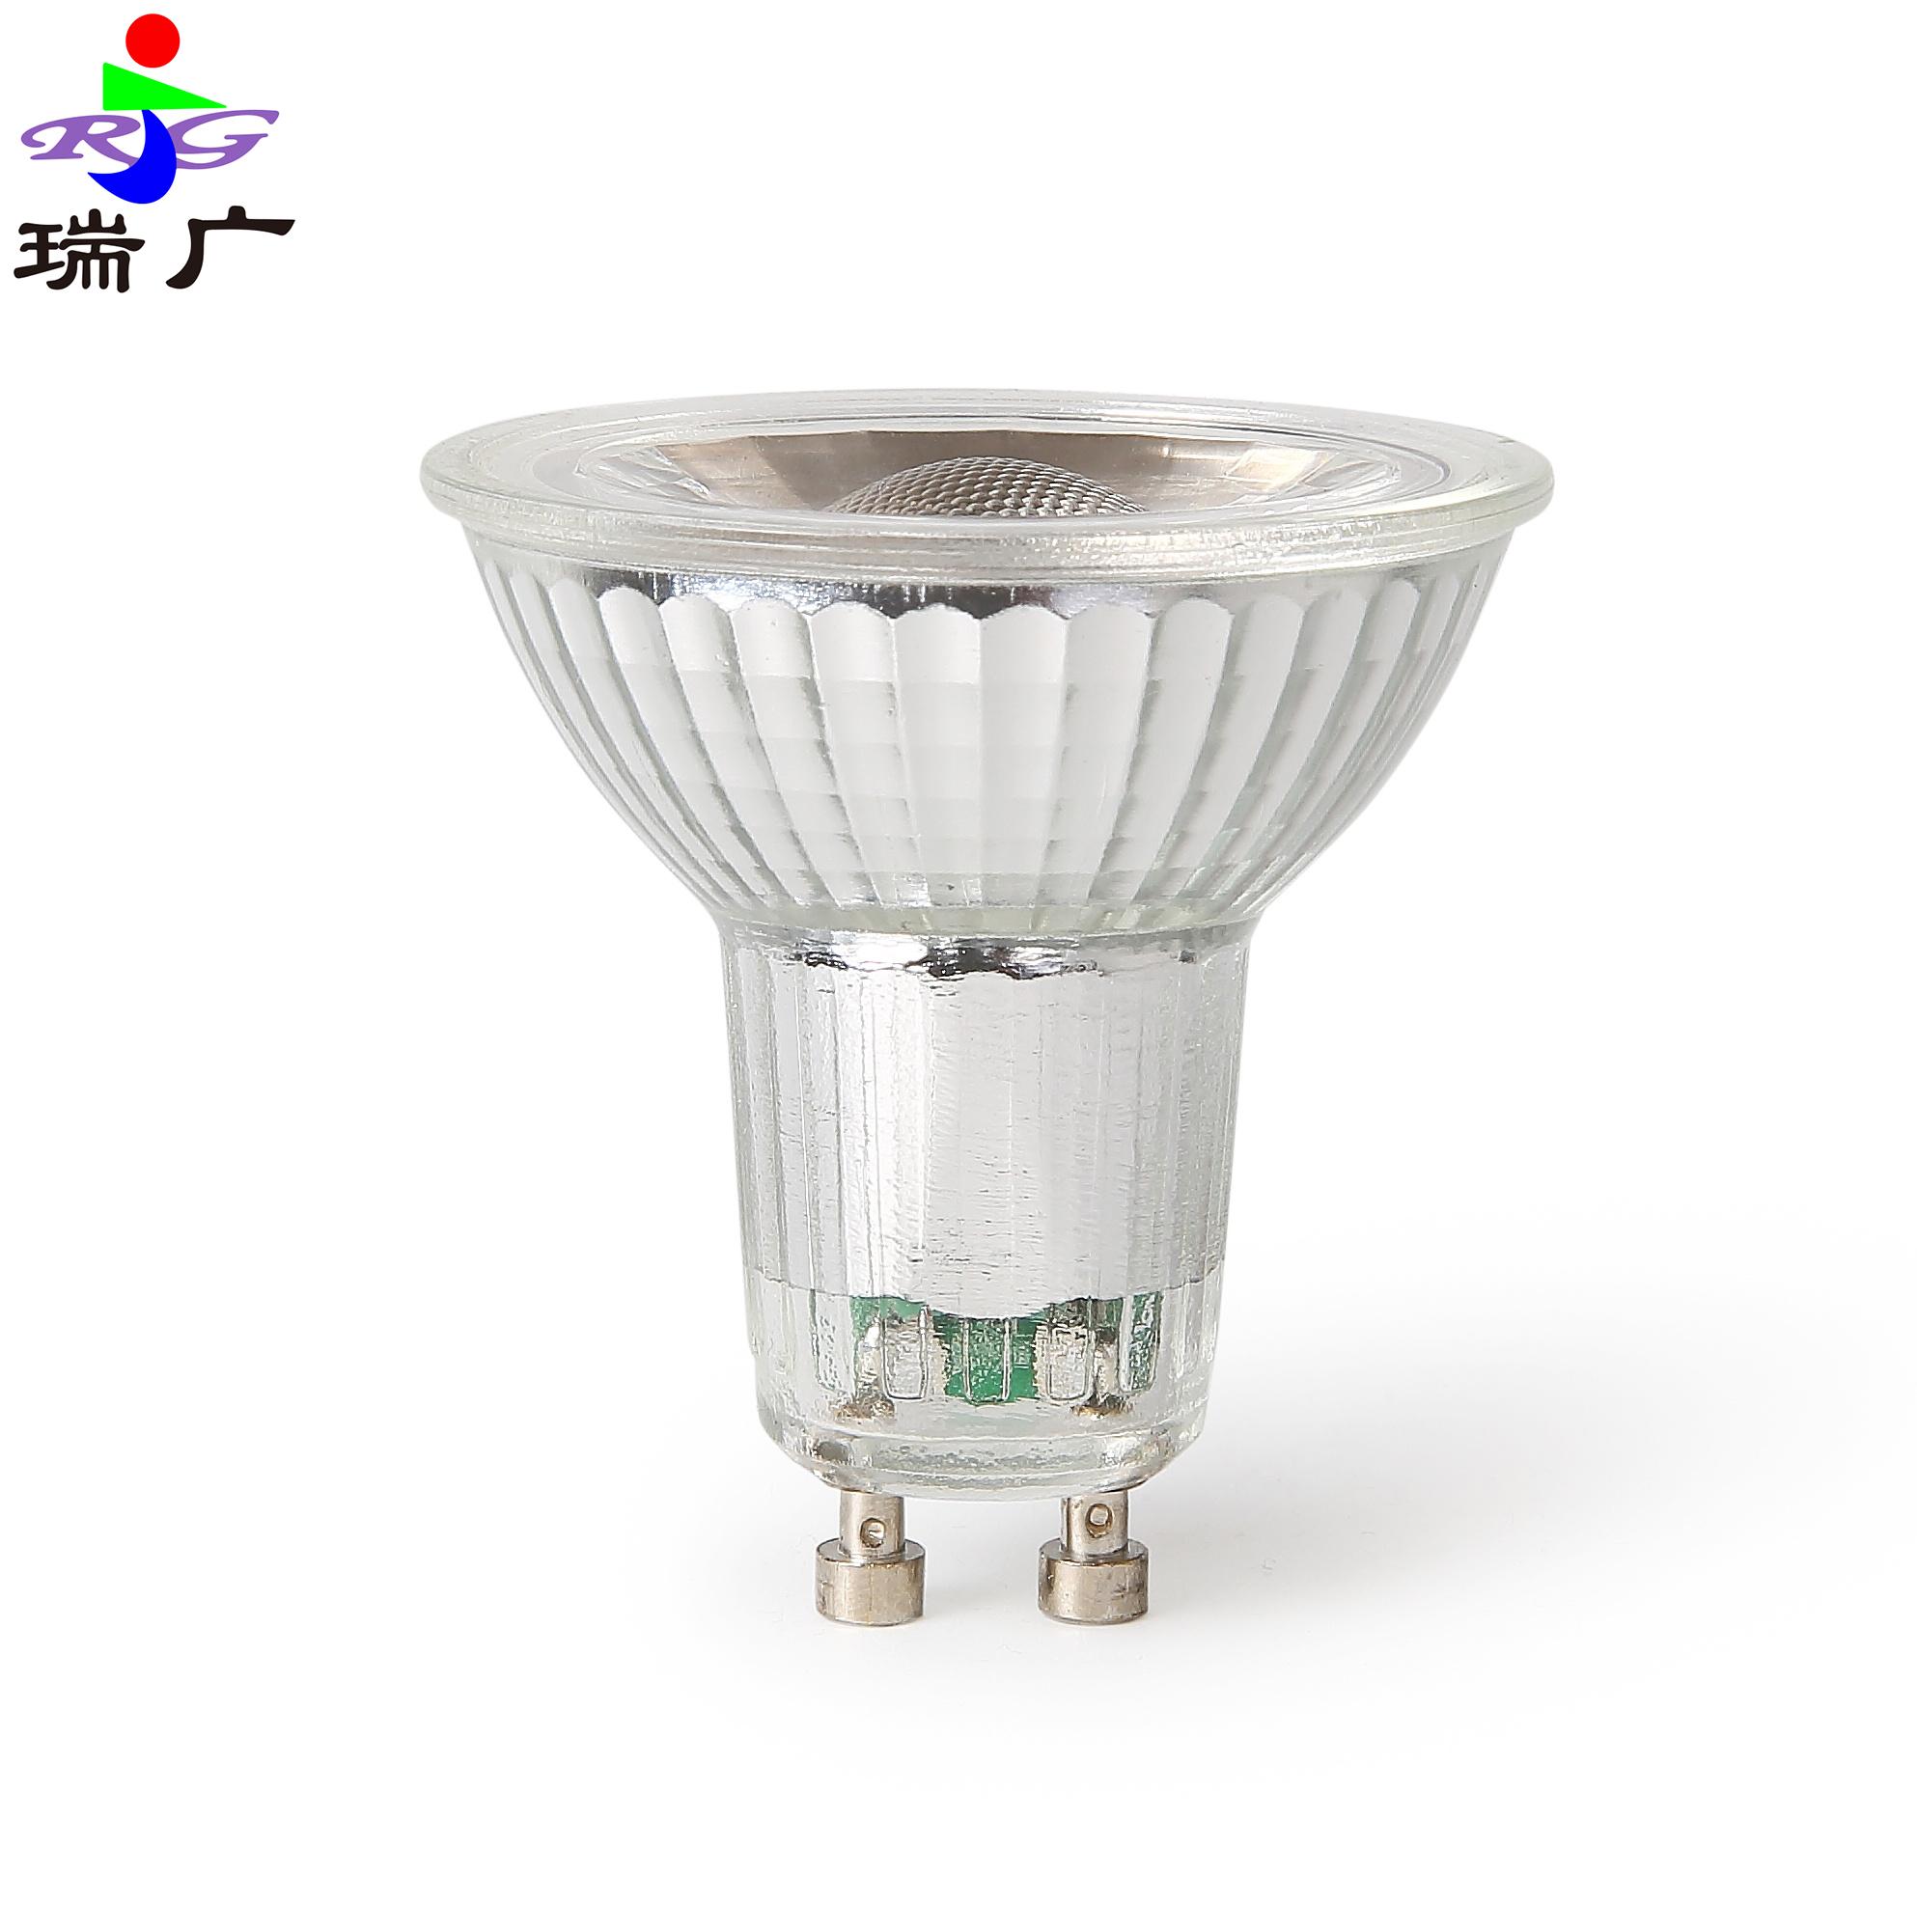 led灯杯gu10射灯筒灯螺口插脚球泡灯